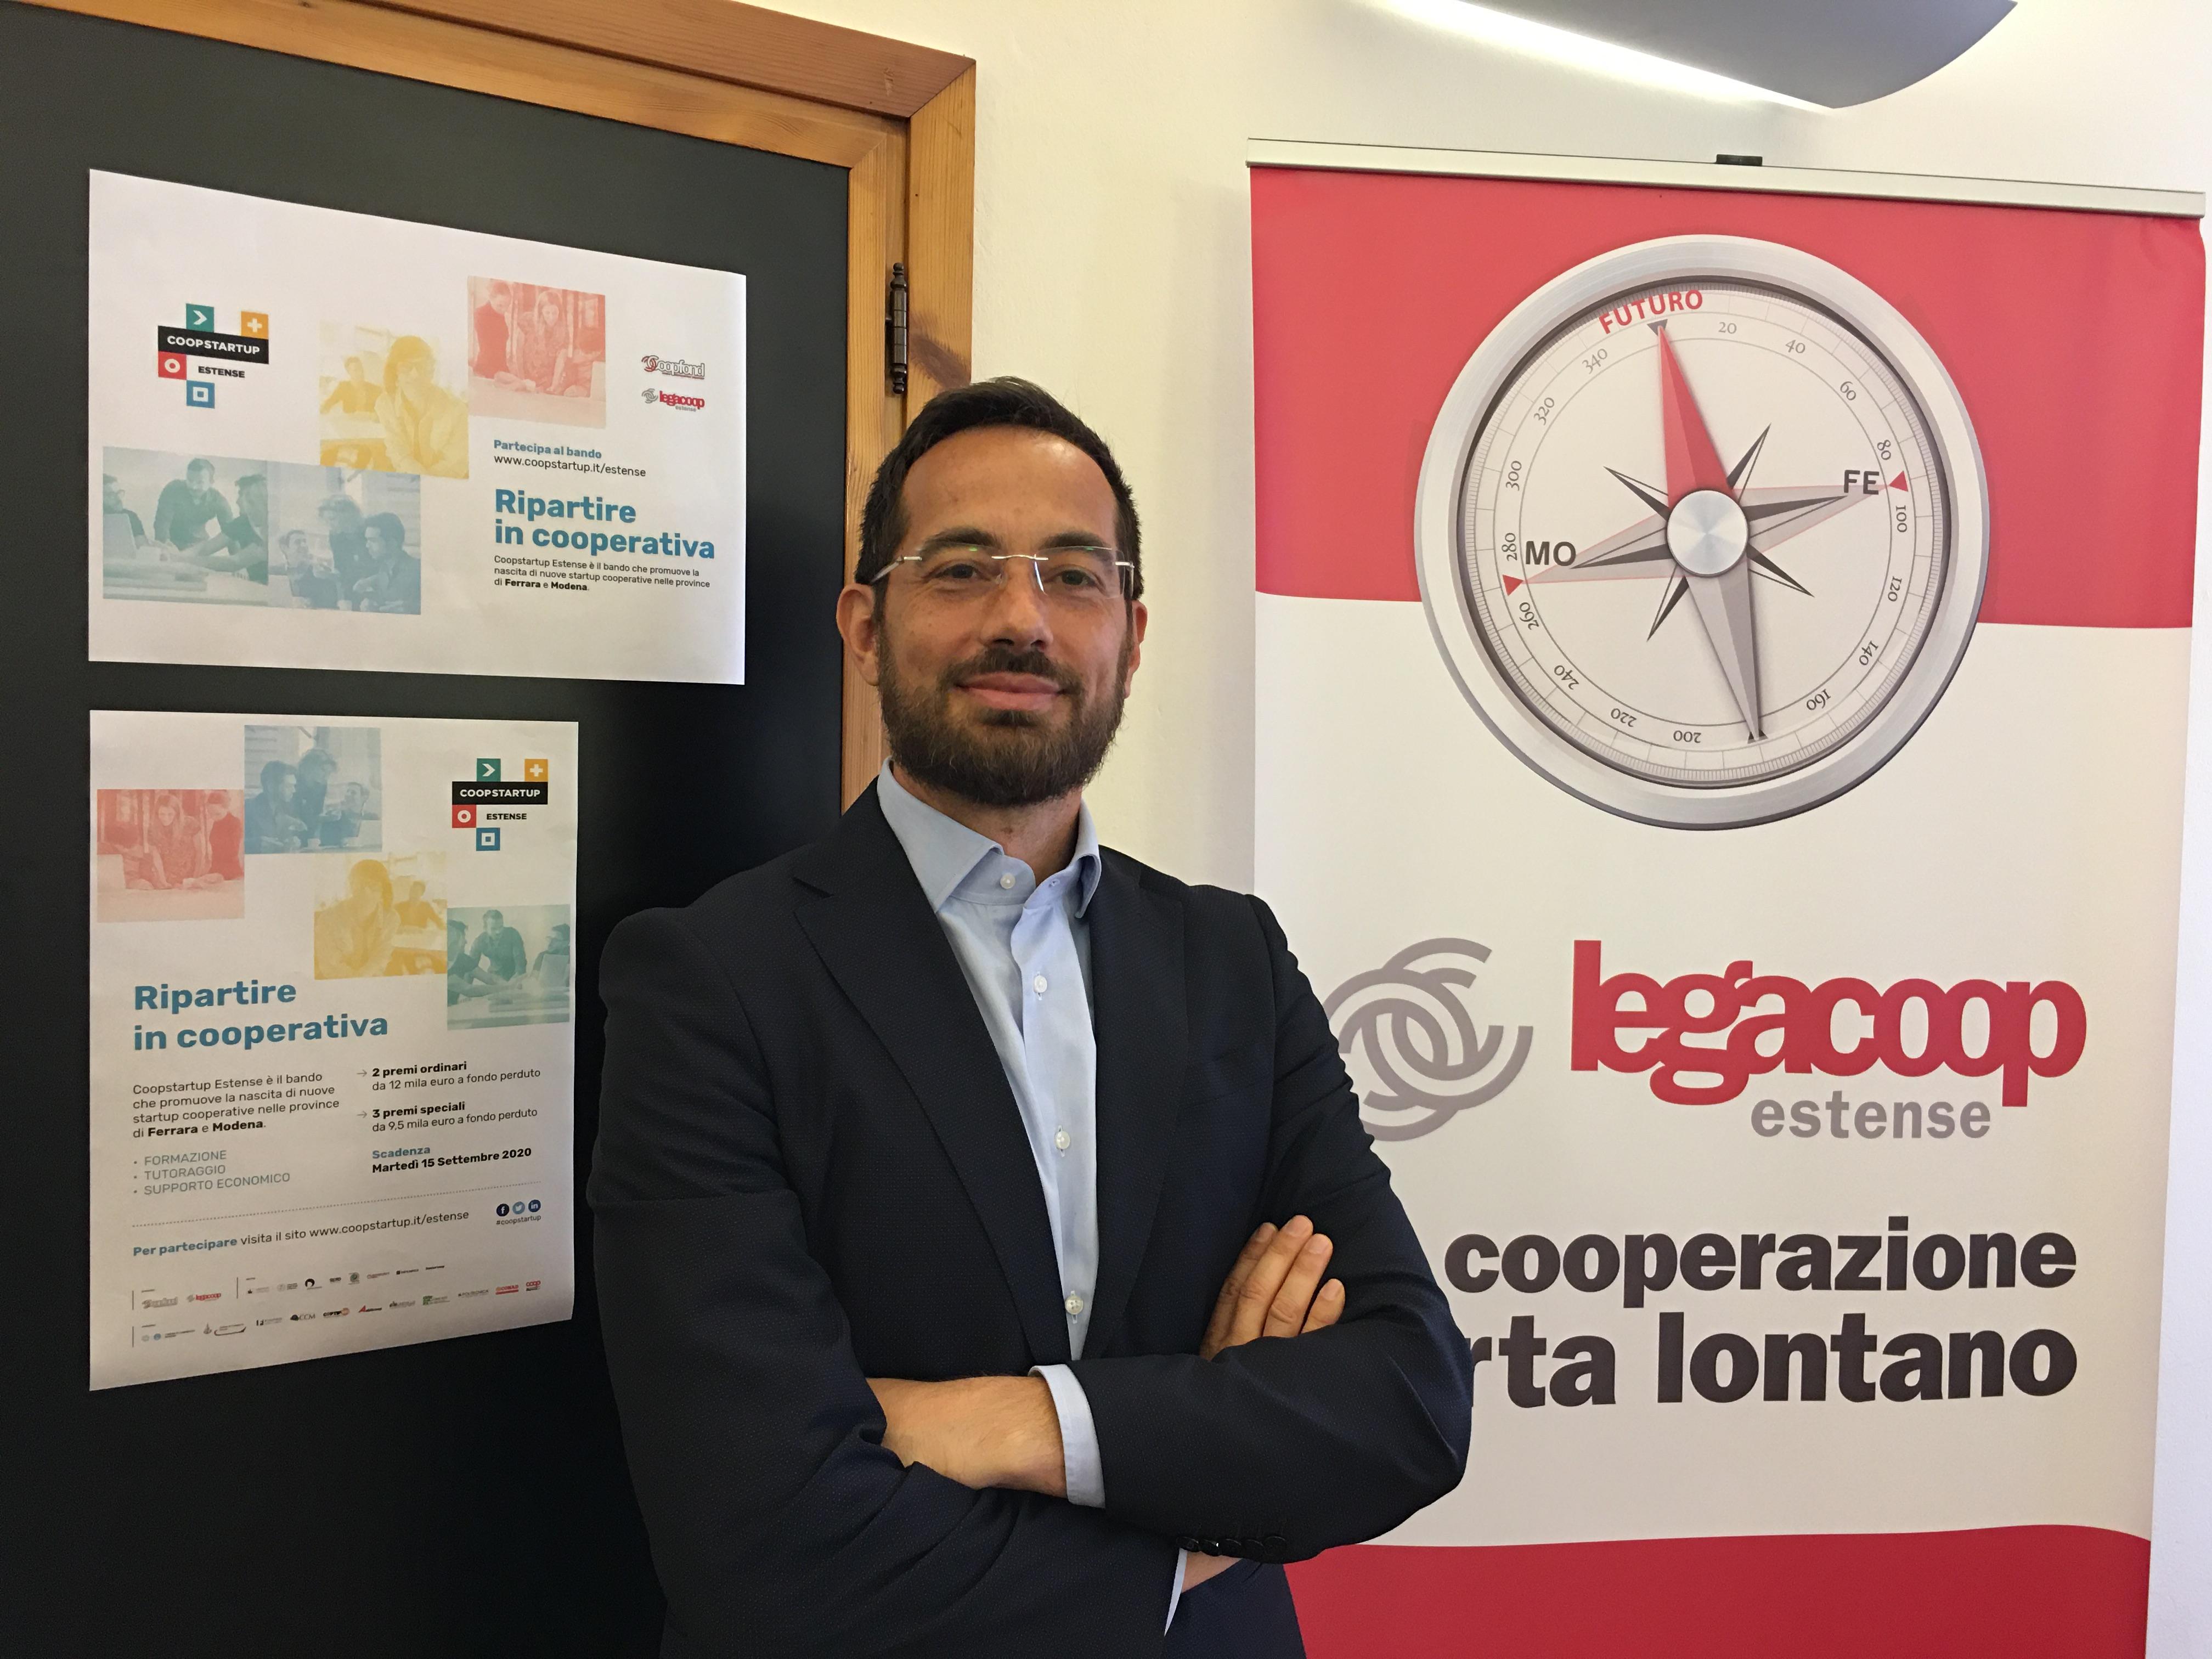 """COOPSTARTUP ESTENSE """"Ripartire in Cooperativa"""": oltre 50.000 € per far nascere nuove cooperative a Ferrara e Modena"""